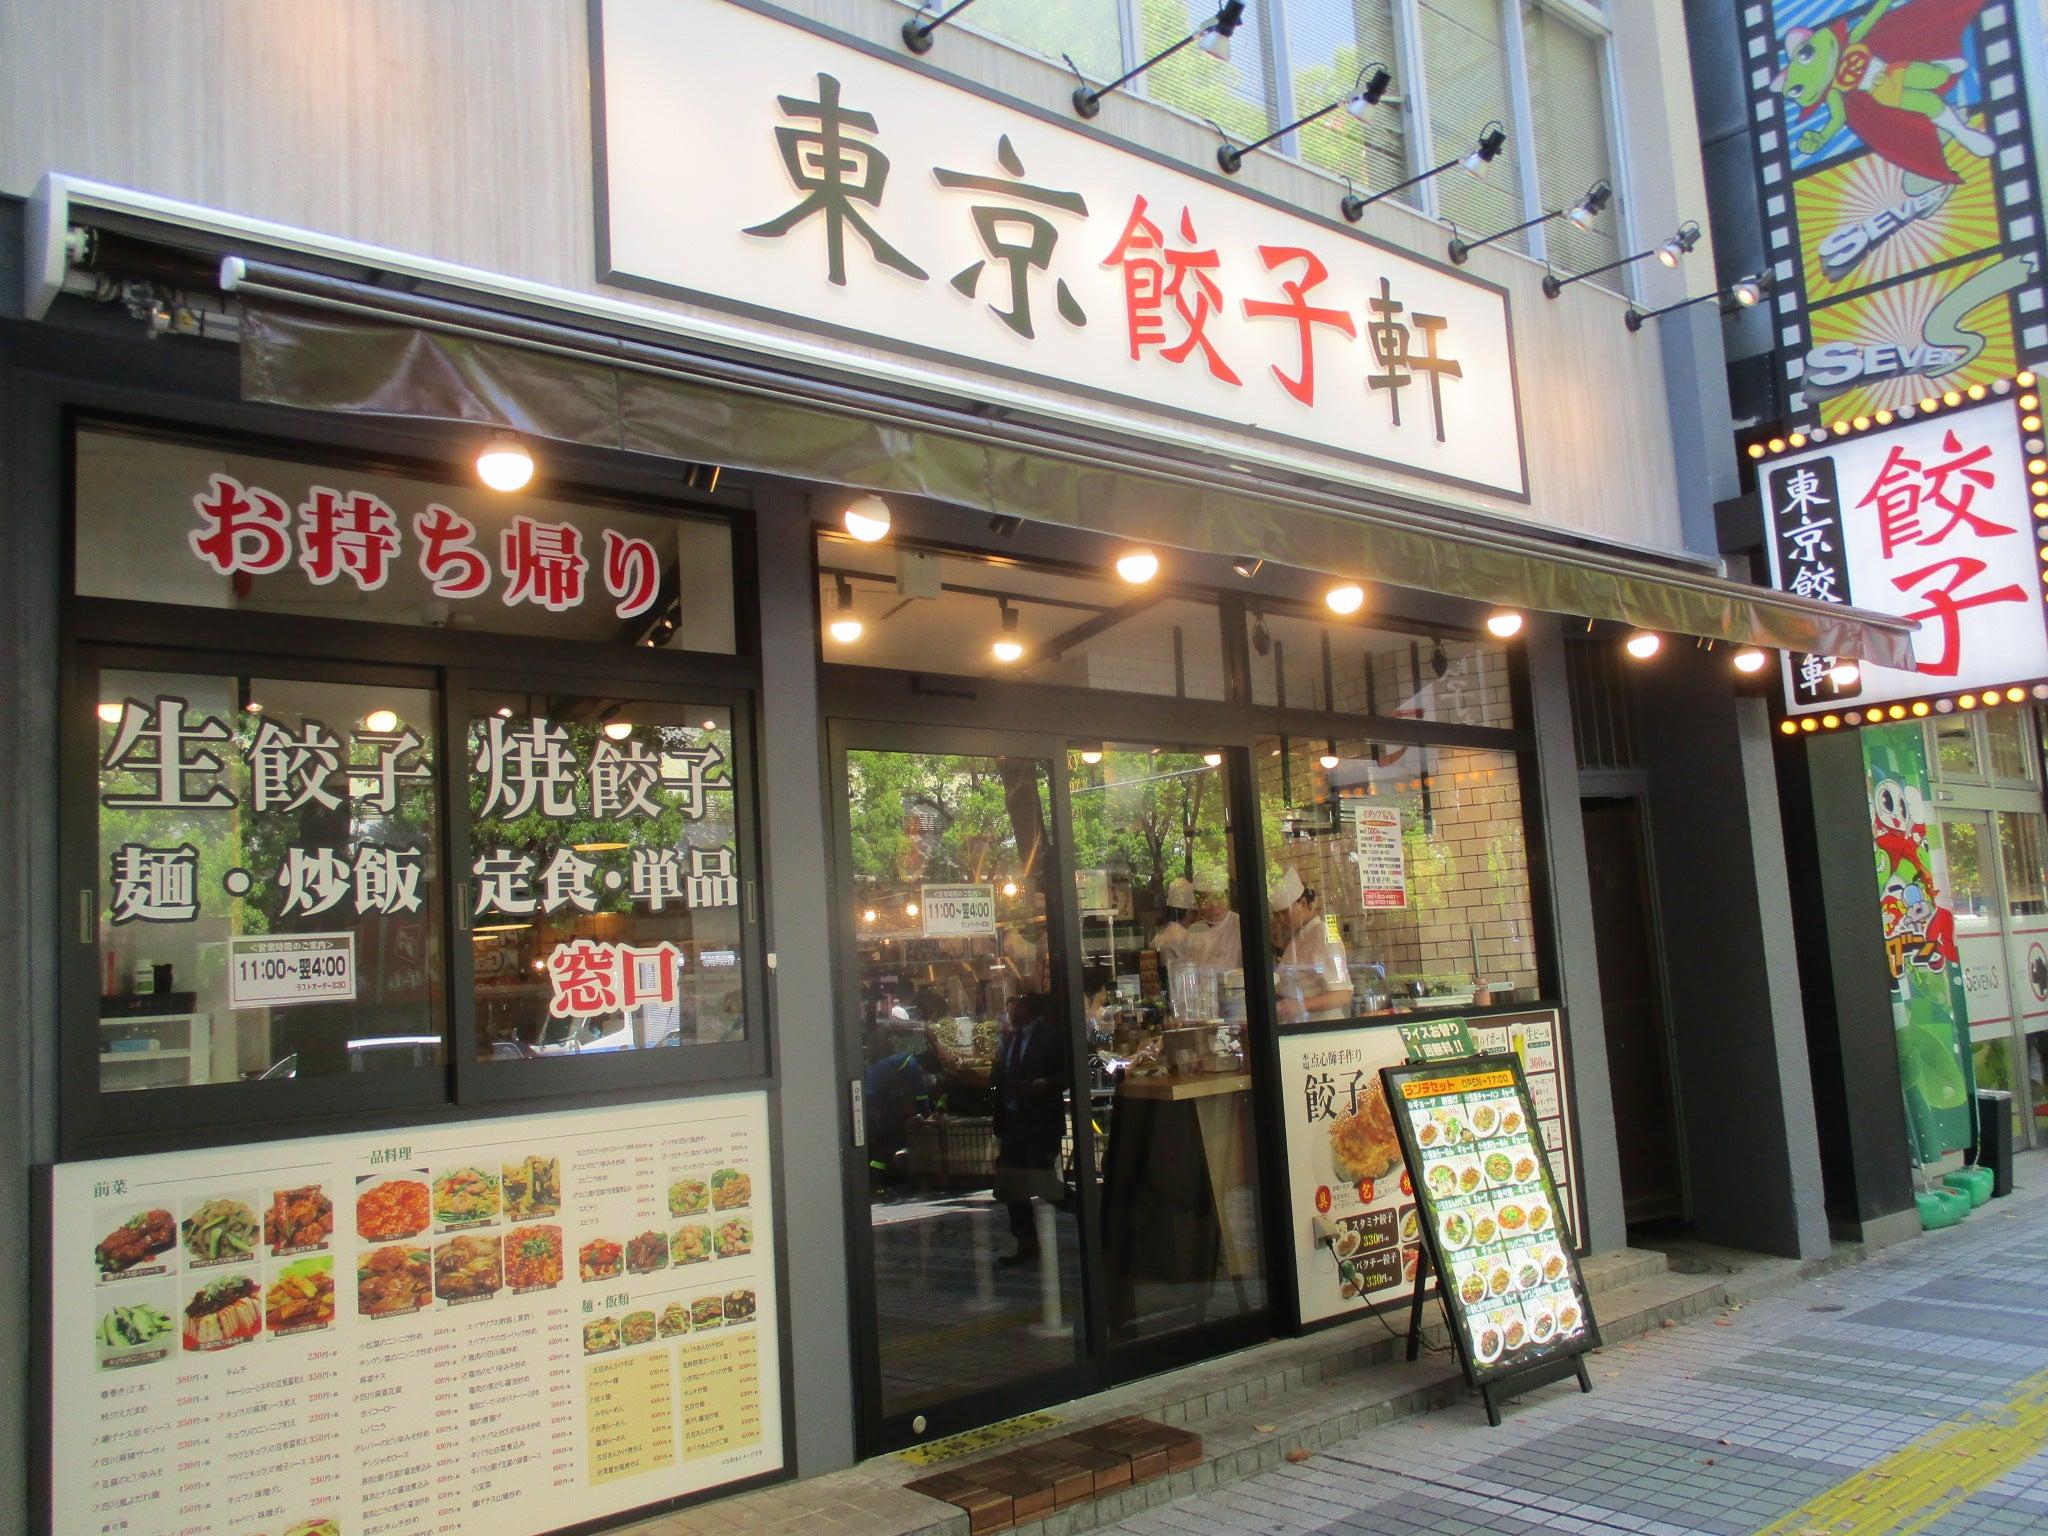 東京 旅行 ブログ グルメ